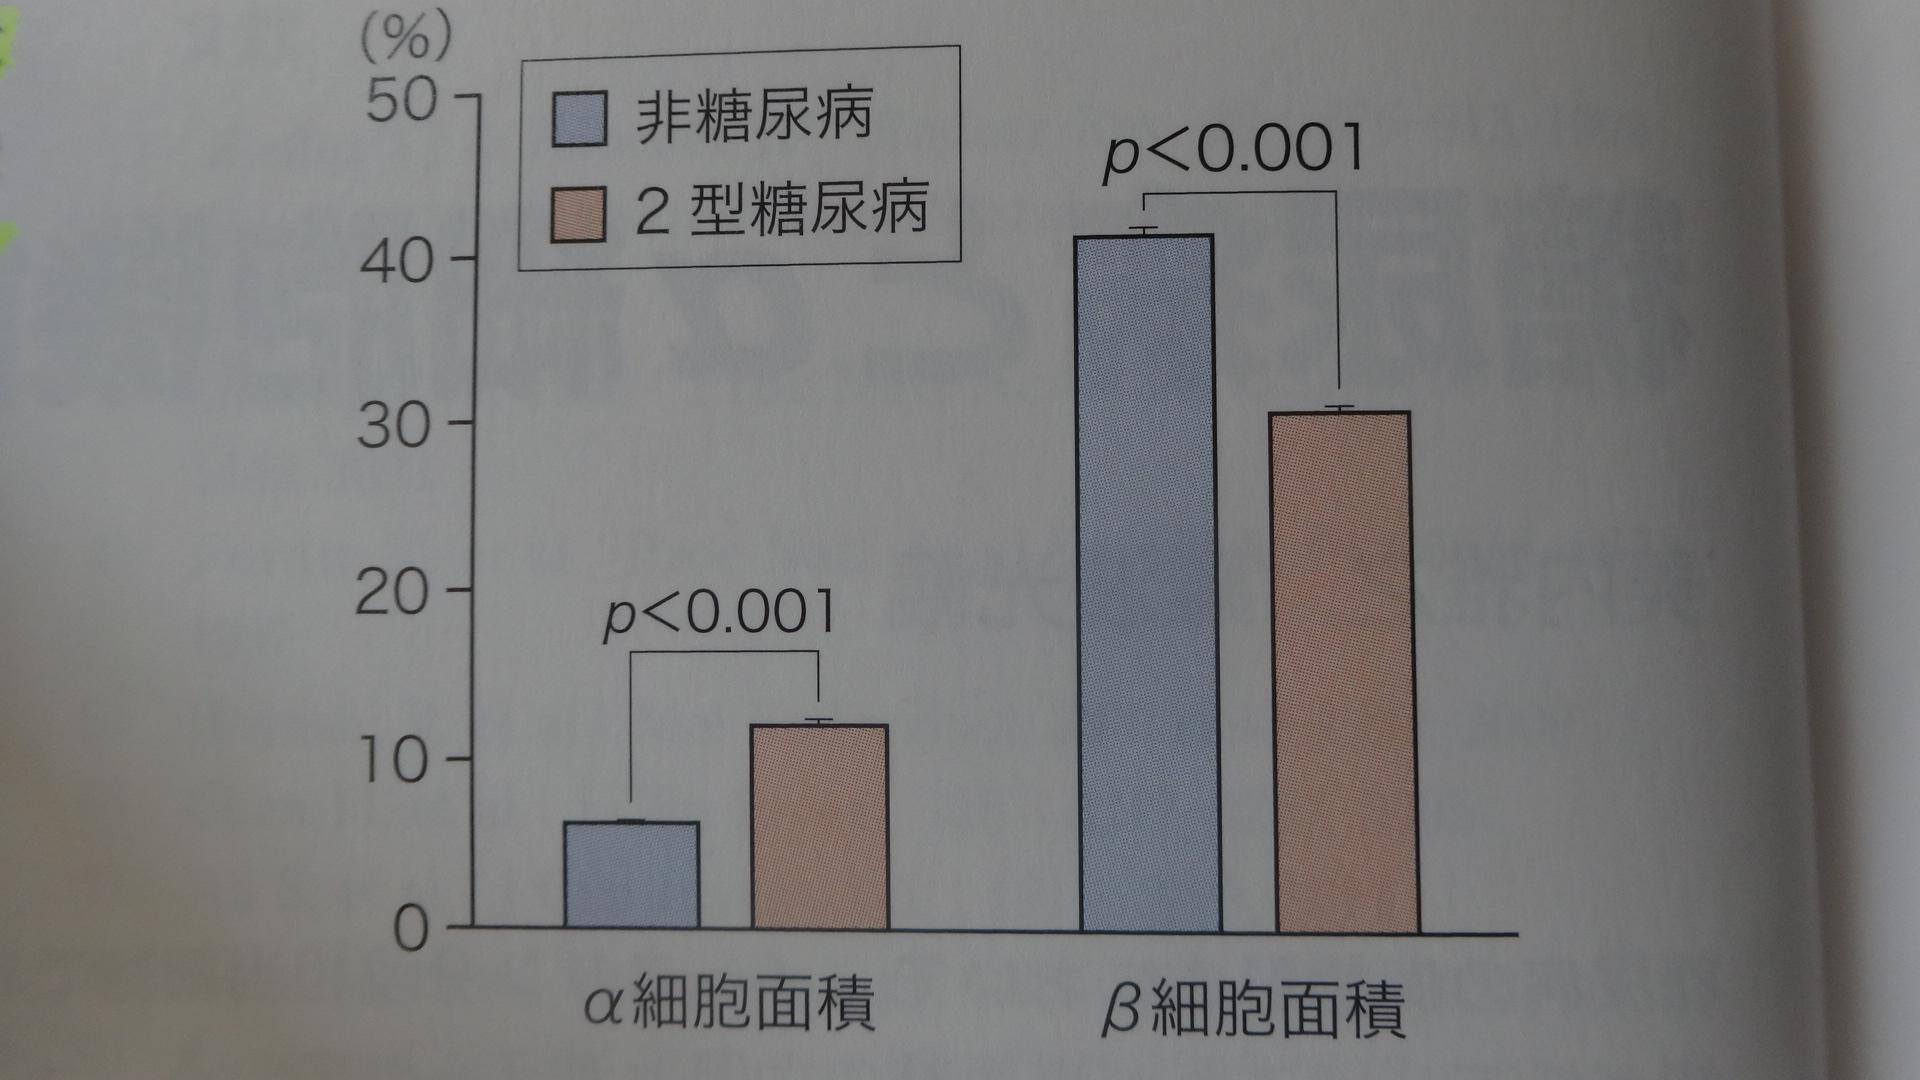 糖尿病患者におけるα細胞 β細胞の増減